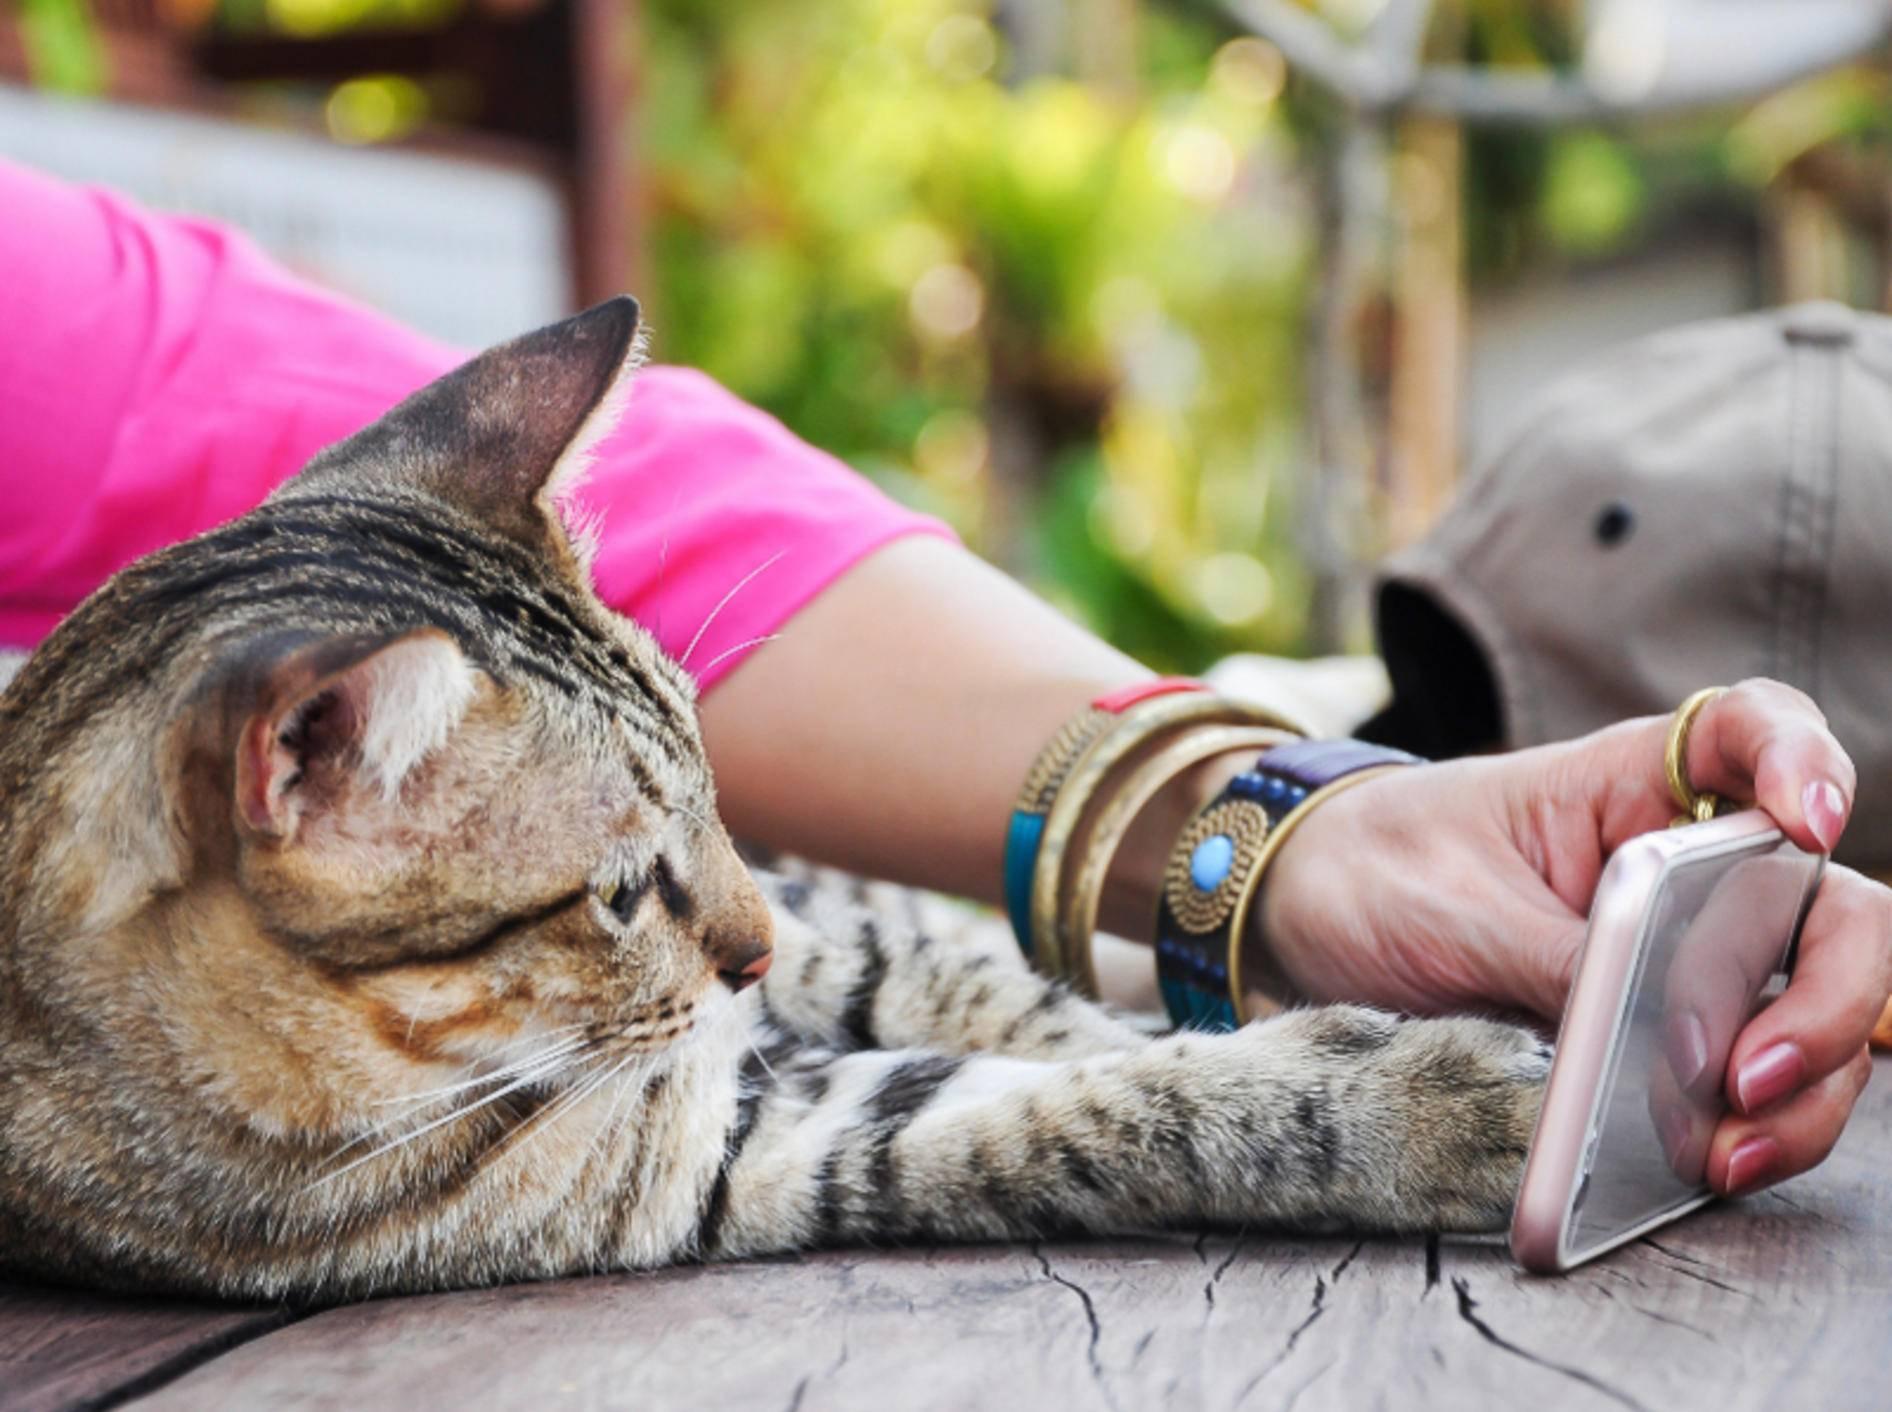 Katzen verstehen nicht, warum Menschen so viel mit diesem flachen Gegenstand sprechen – Shutterstock / Chaiwatk58